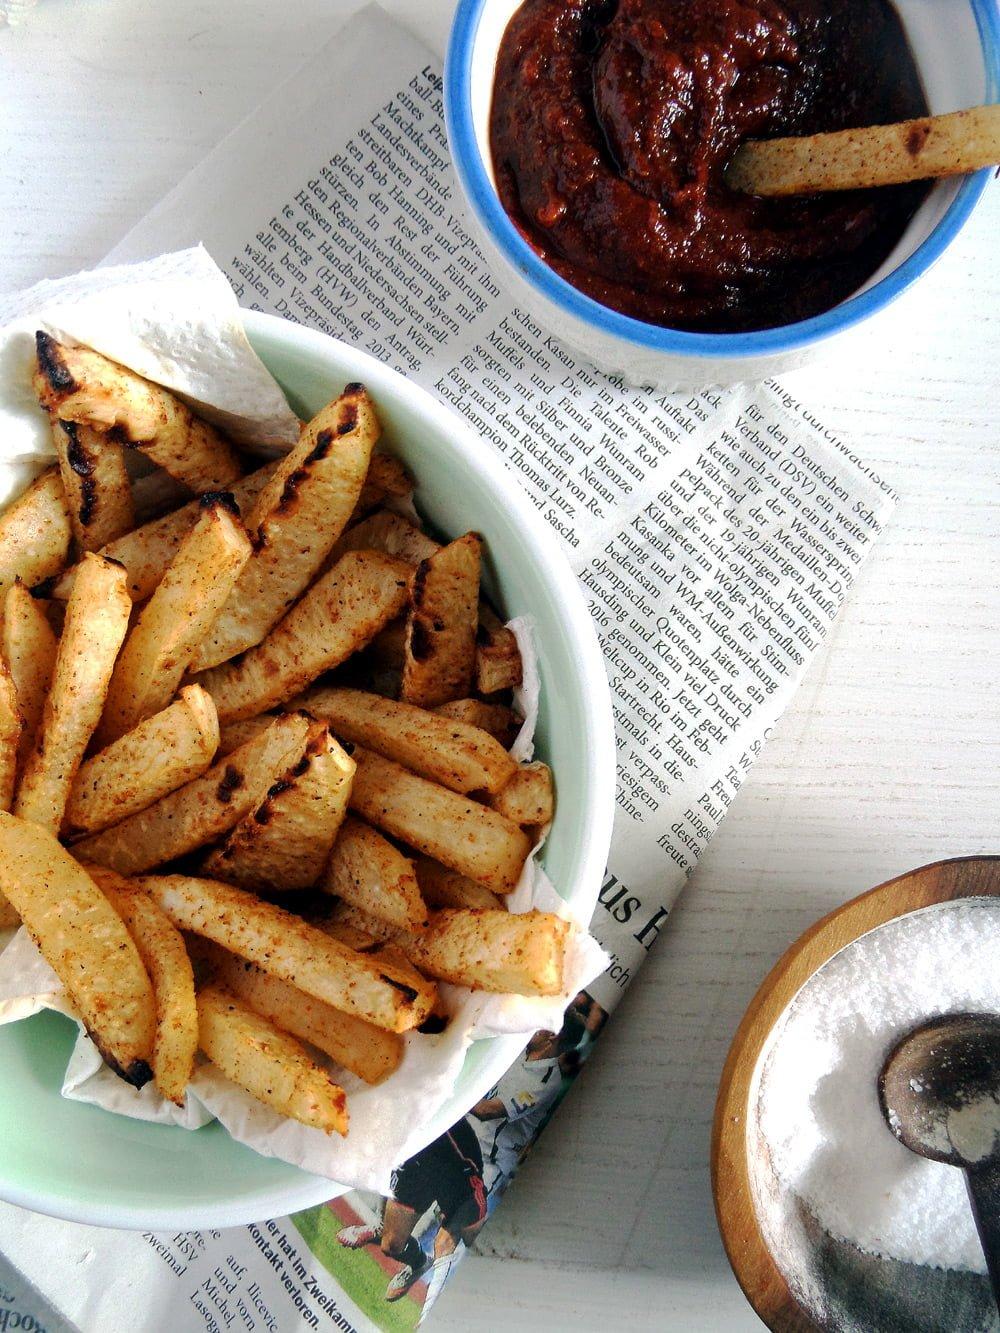 kohlrabi fries Healthy Vegan Kohlrabi Fries with Curry Ketchup